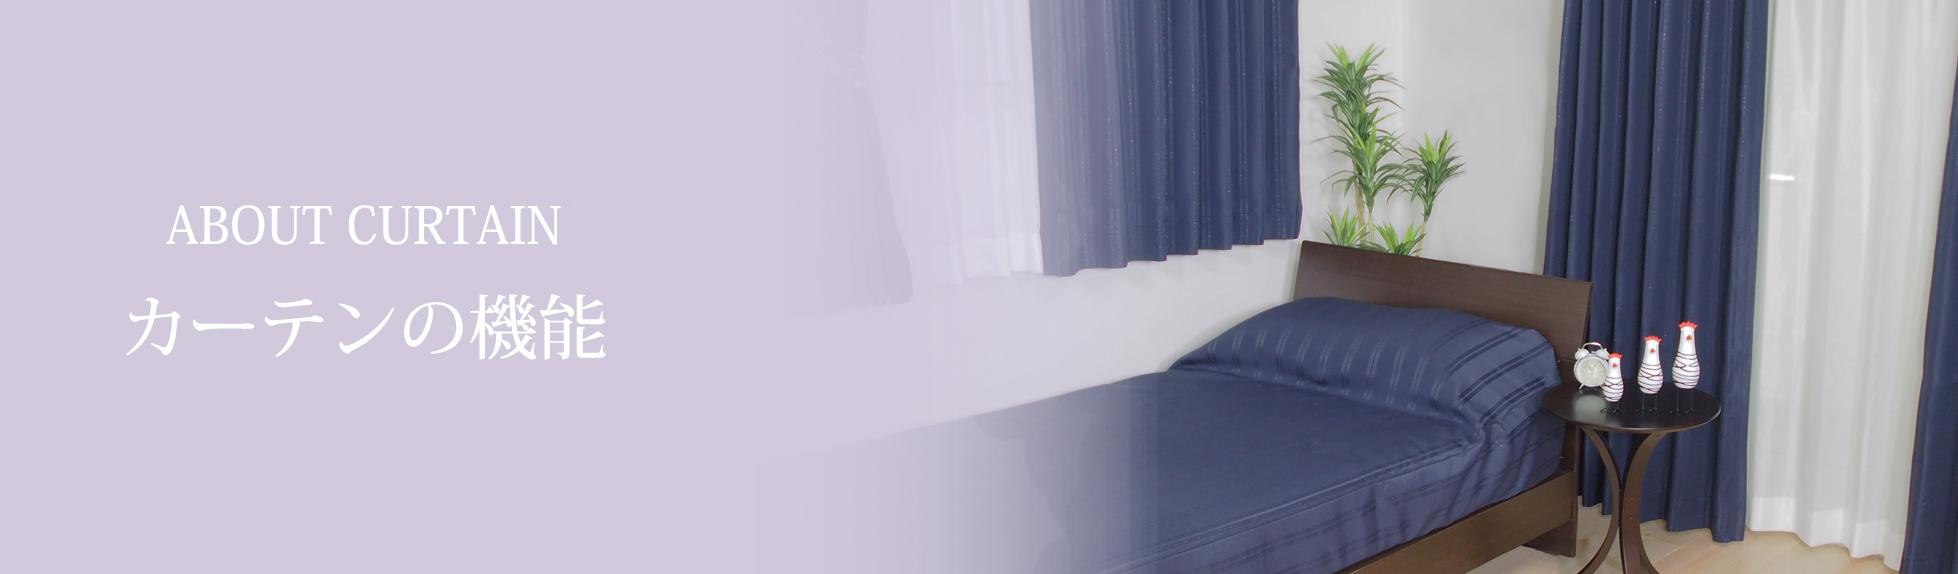 カーテンの機能